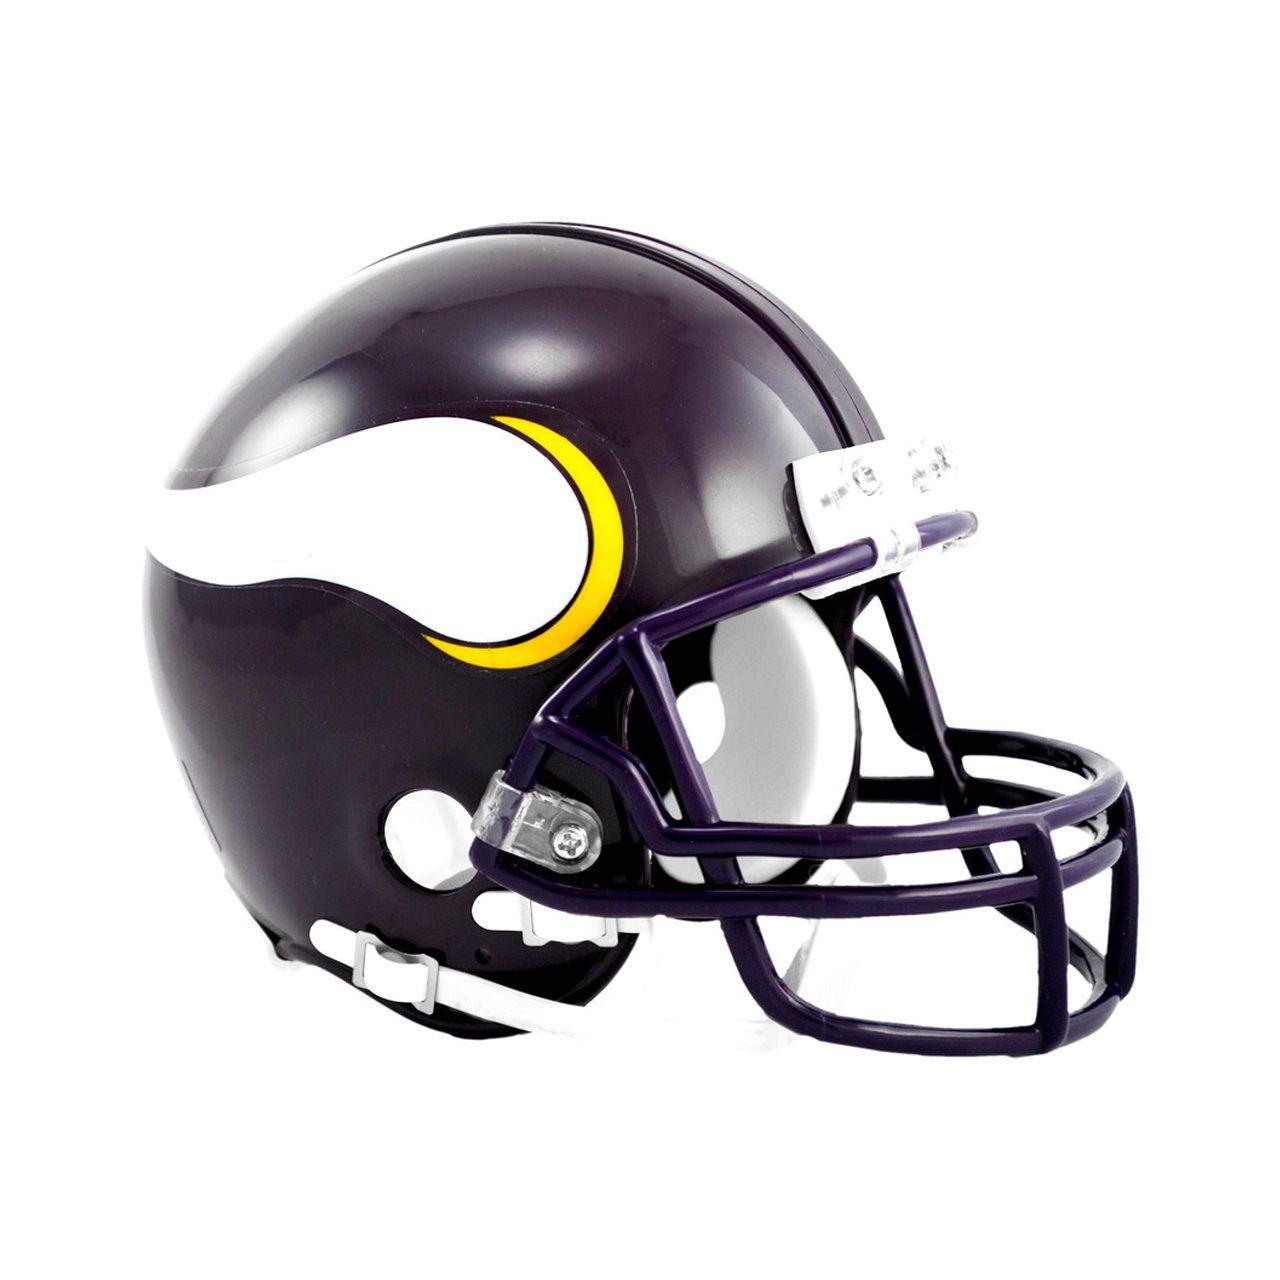 amfoo - Riddell VSR4 Mini Football Helm - Minnesota Vikings 1983-01